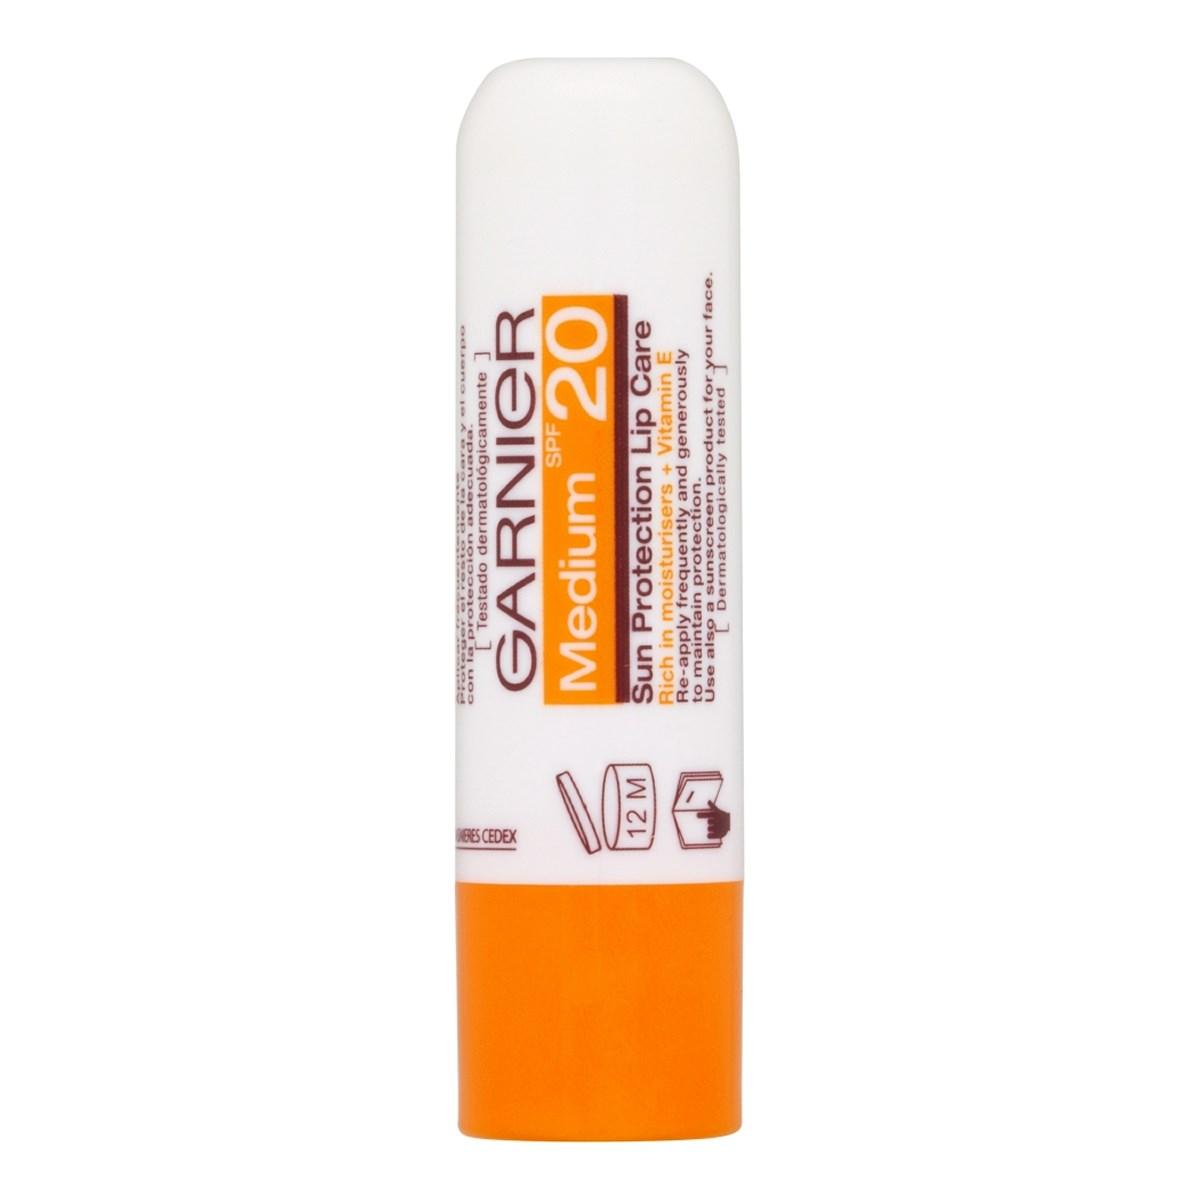 Garnier Ambre Solaire Lip Protection SPF20